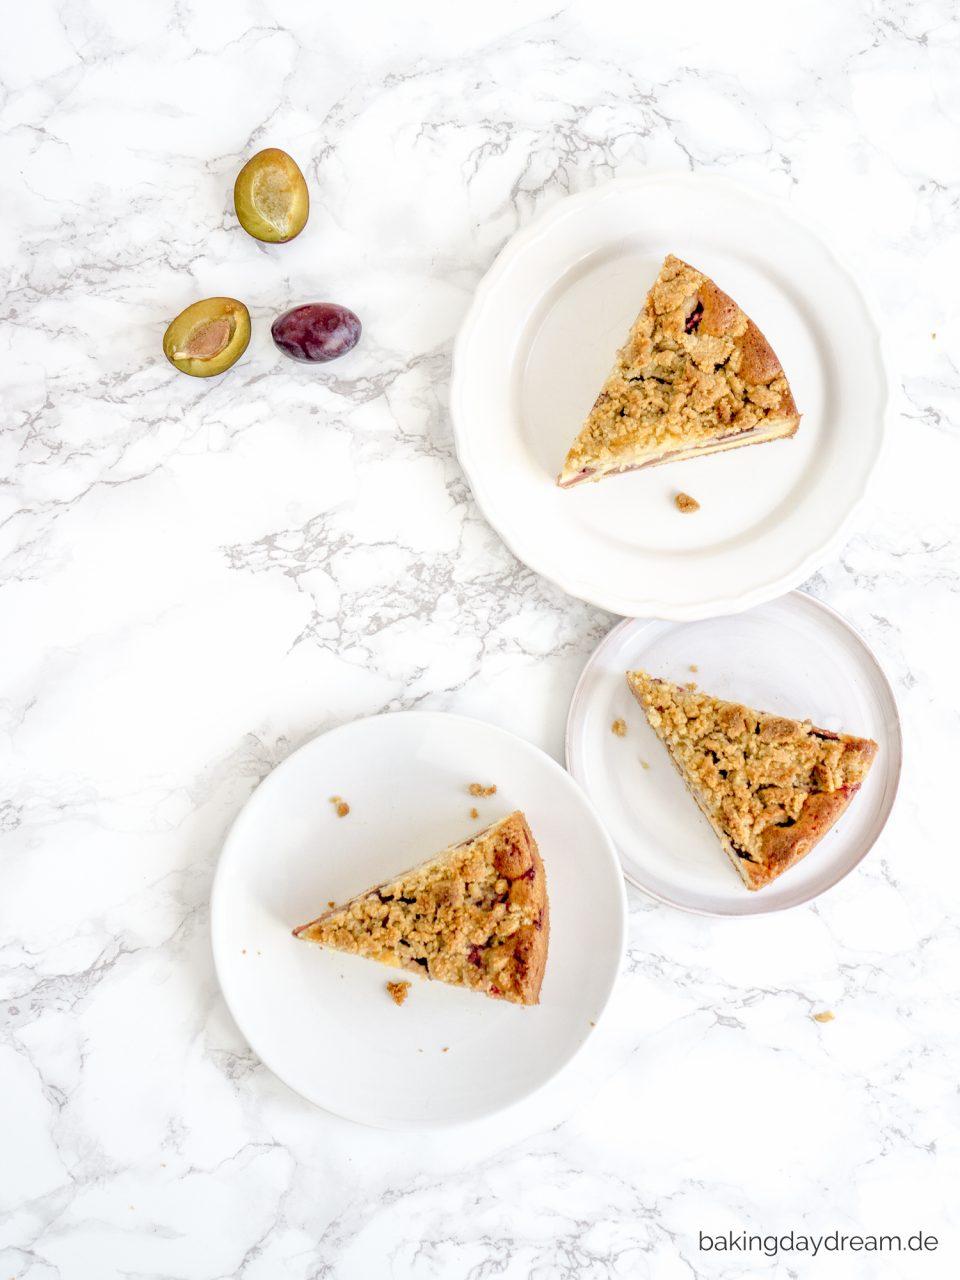 Zwetschgenkuchen mit Mandel-Streusel